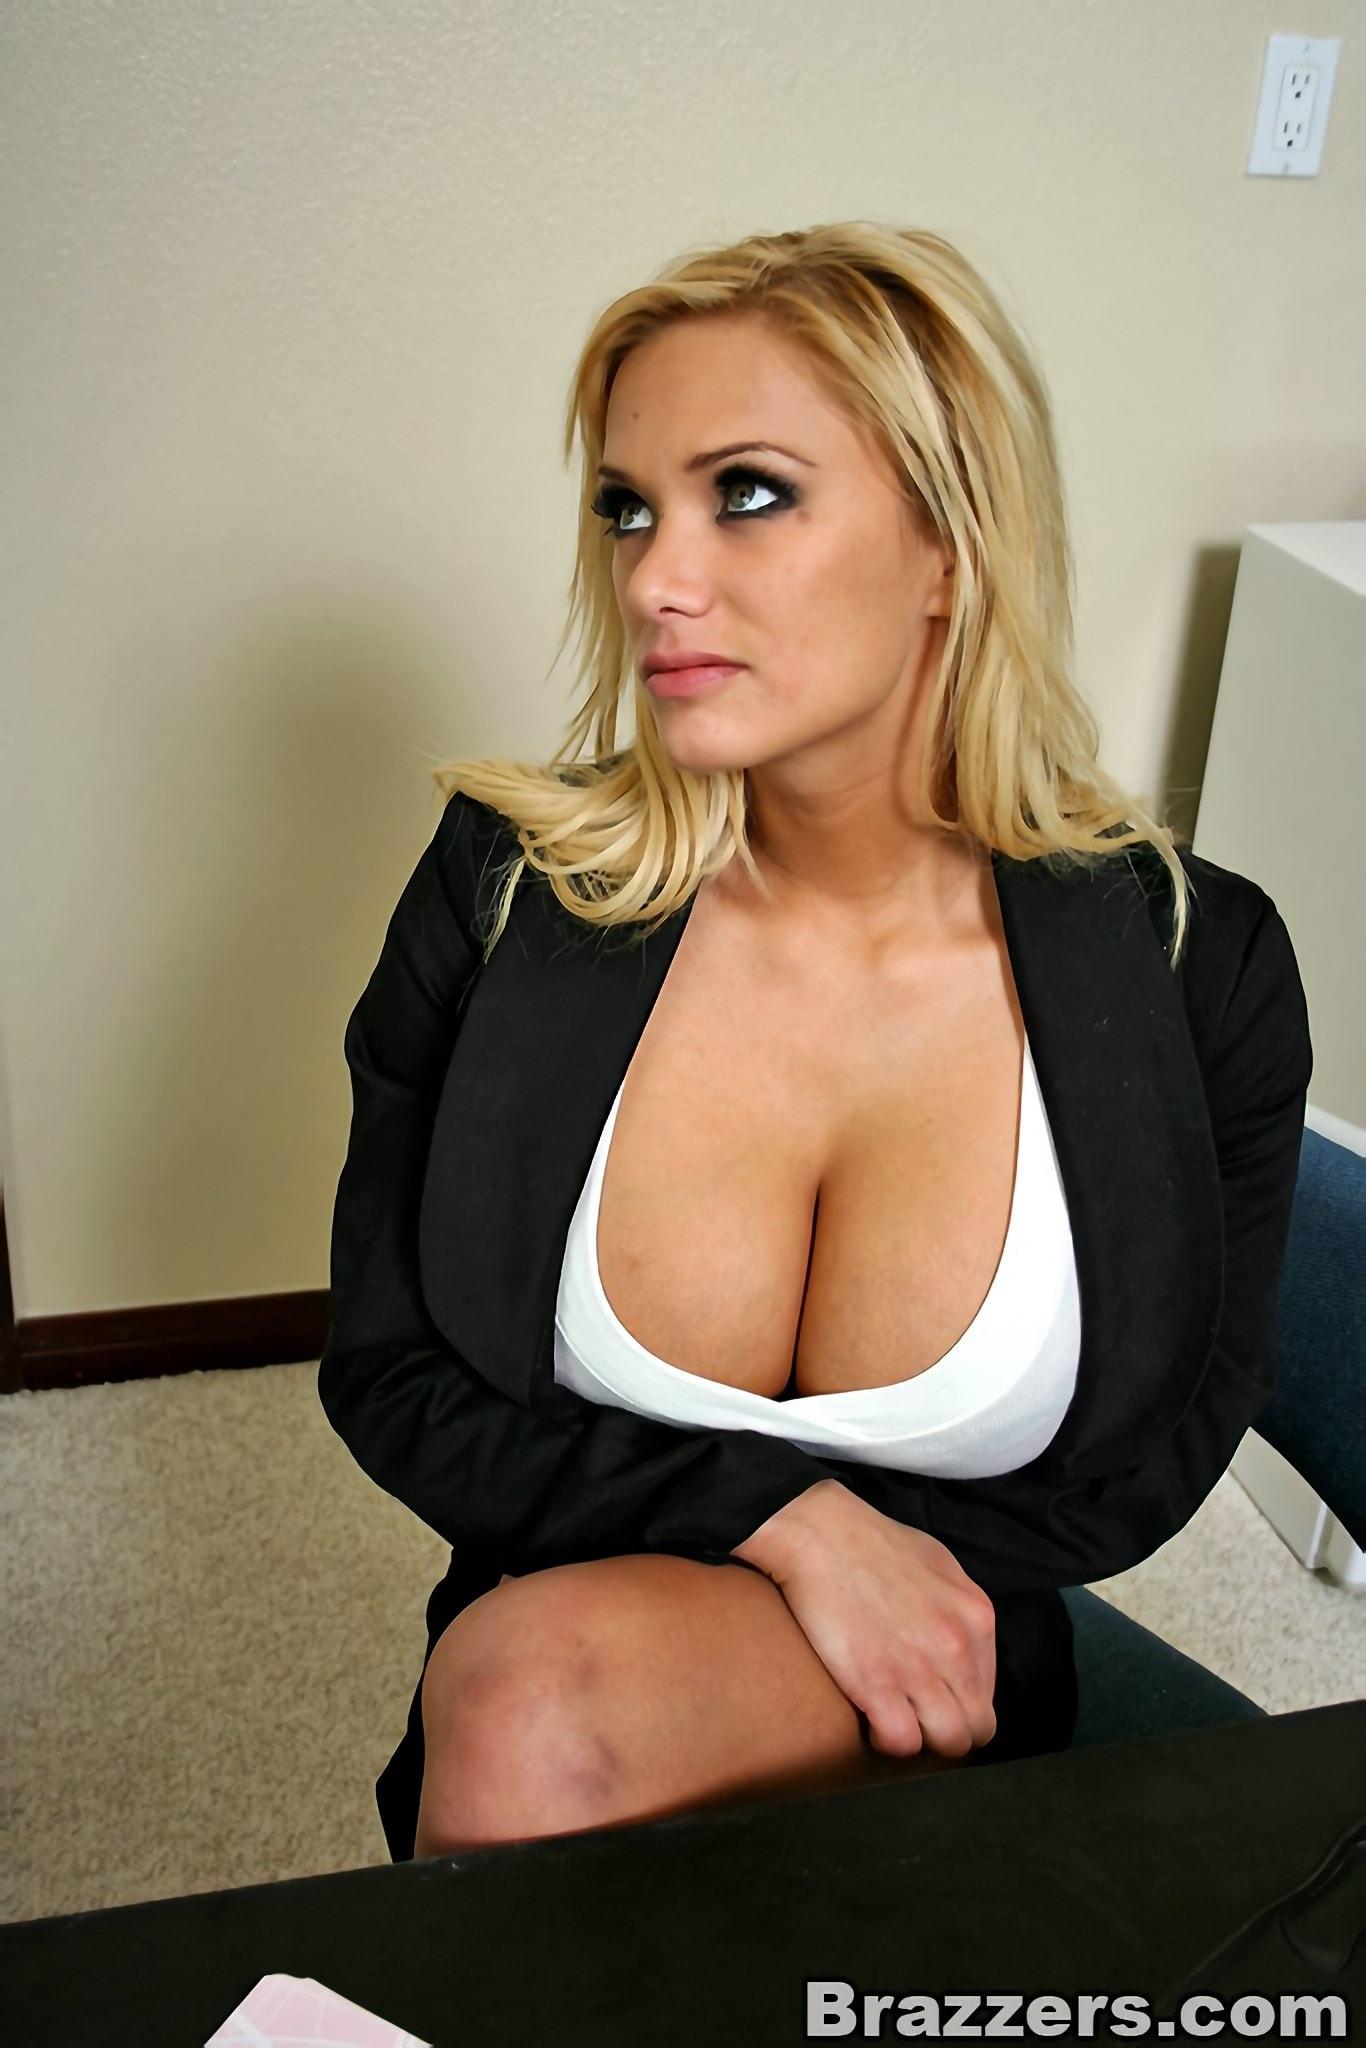 Big tits warm mouth shyla stylez Shyla Stylez In Back For More Photo 5 Brazzers